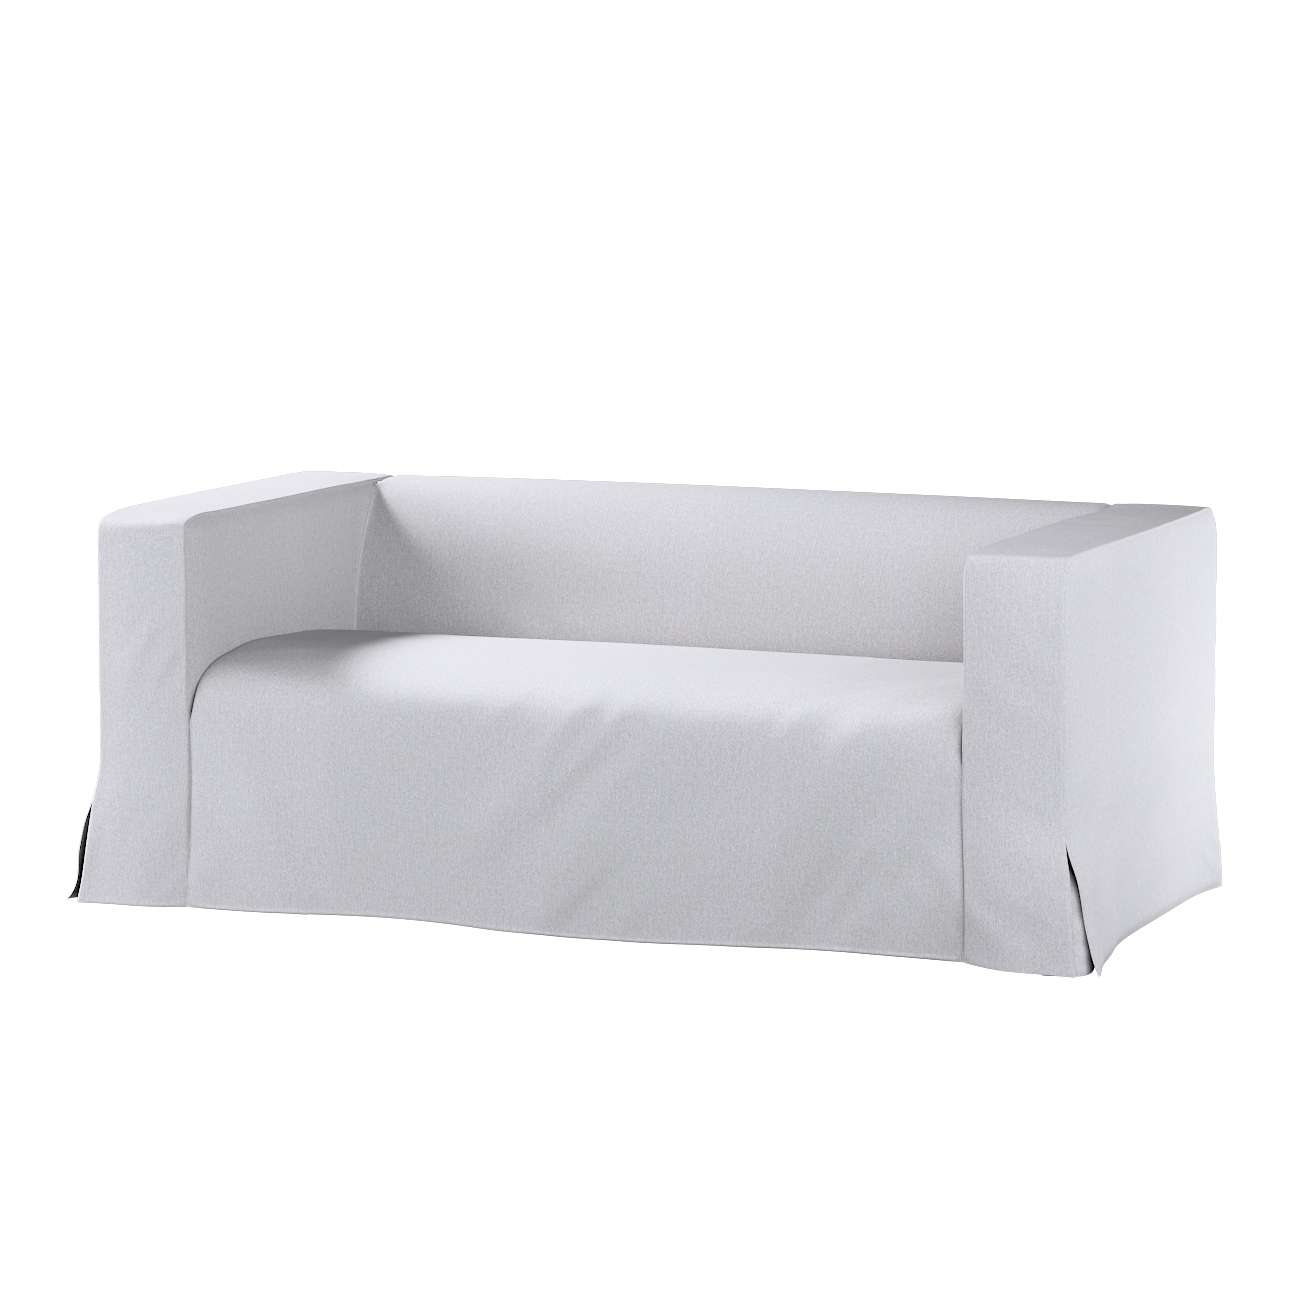 Pokrowiec na sofę Klippan 2-osobową długi z kontrafałdami w kolekcji Amsterdam, tkanina: 704-45